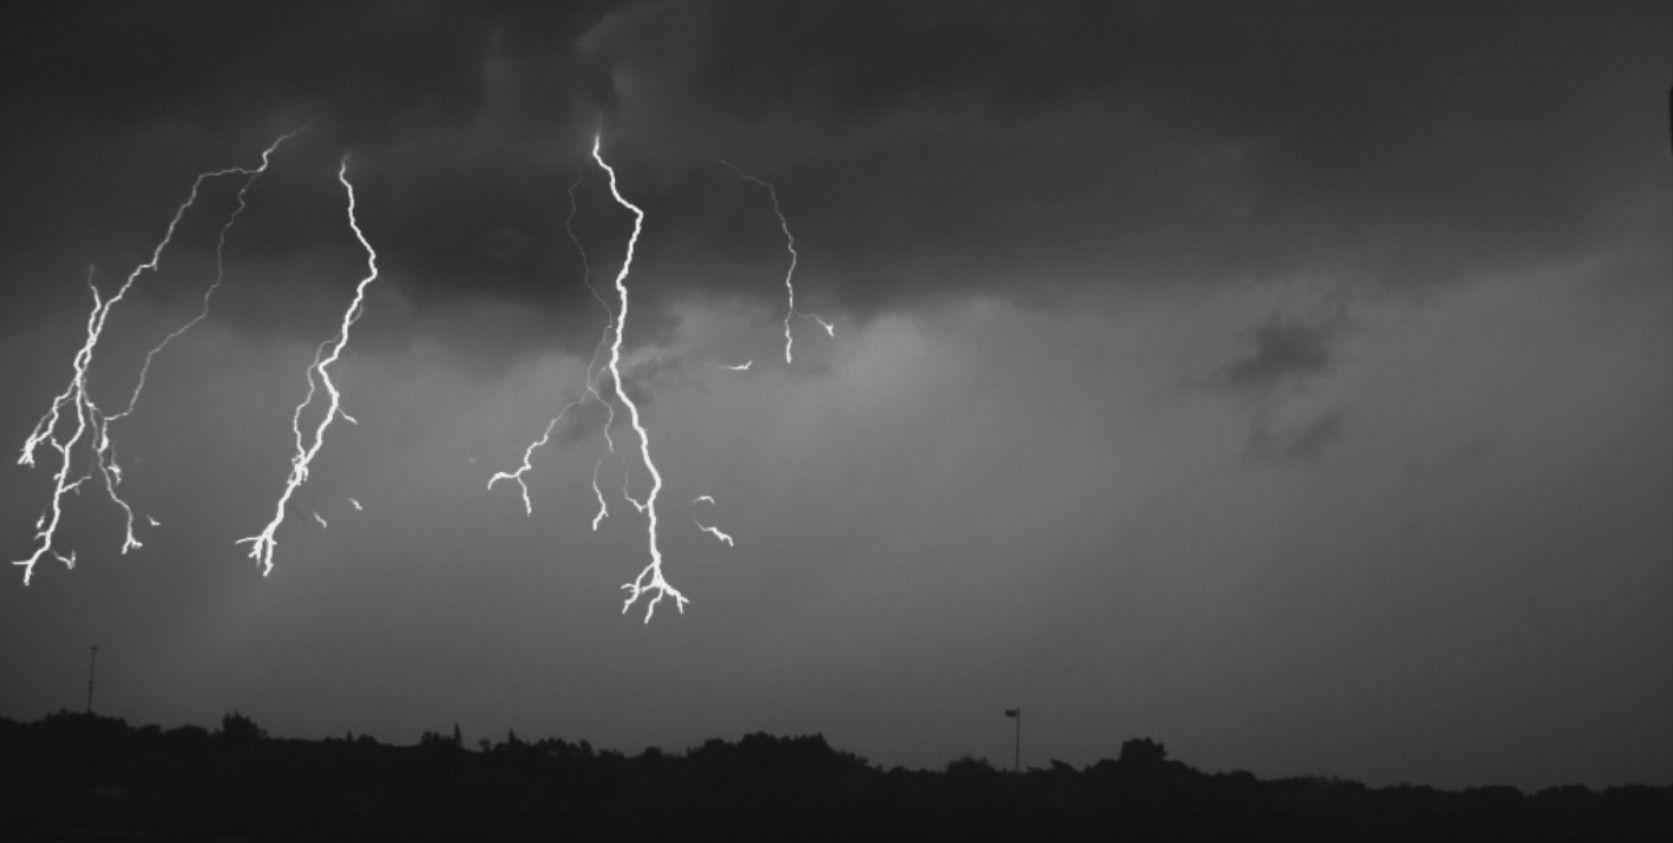 Во время ливня от удара молнии в полемужчины погибли / скриншот